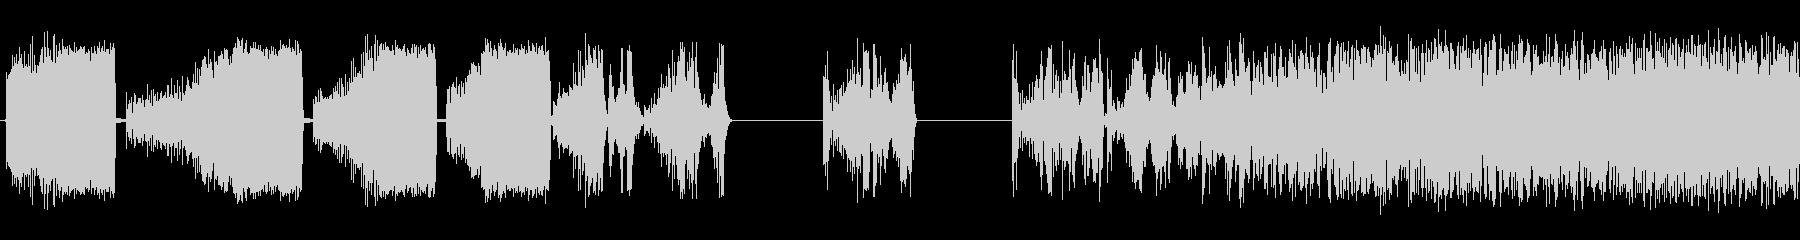 ホイップ静的スワイプ6の未再生の波形